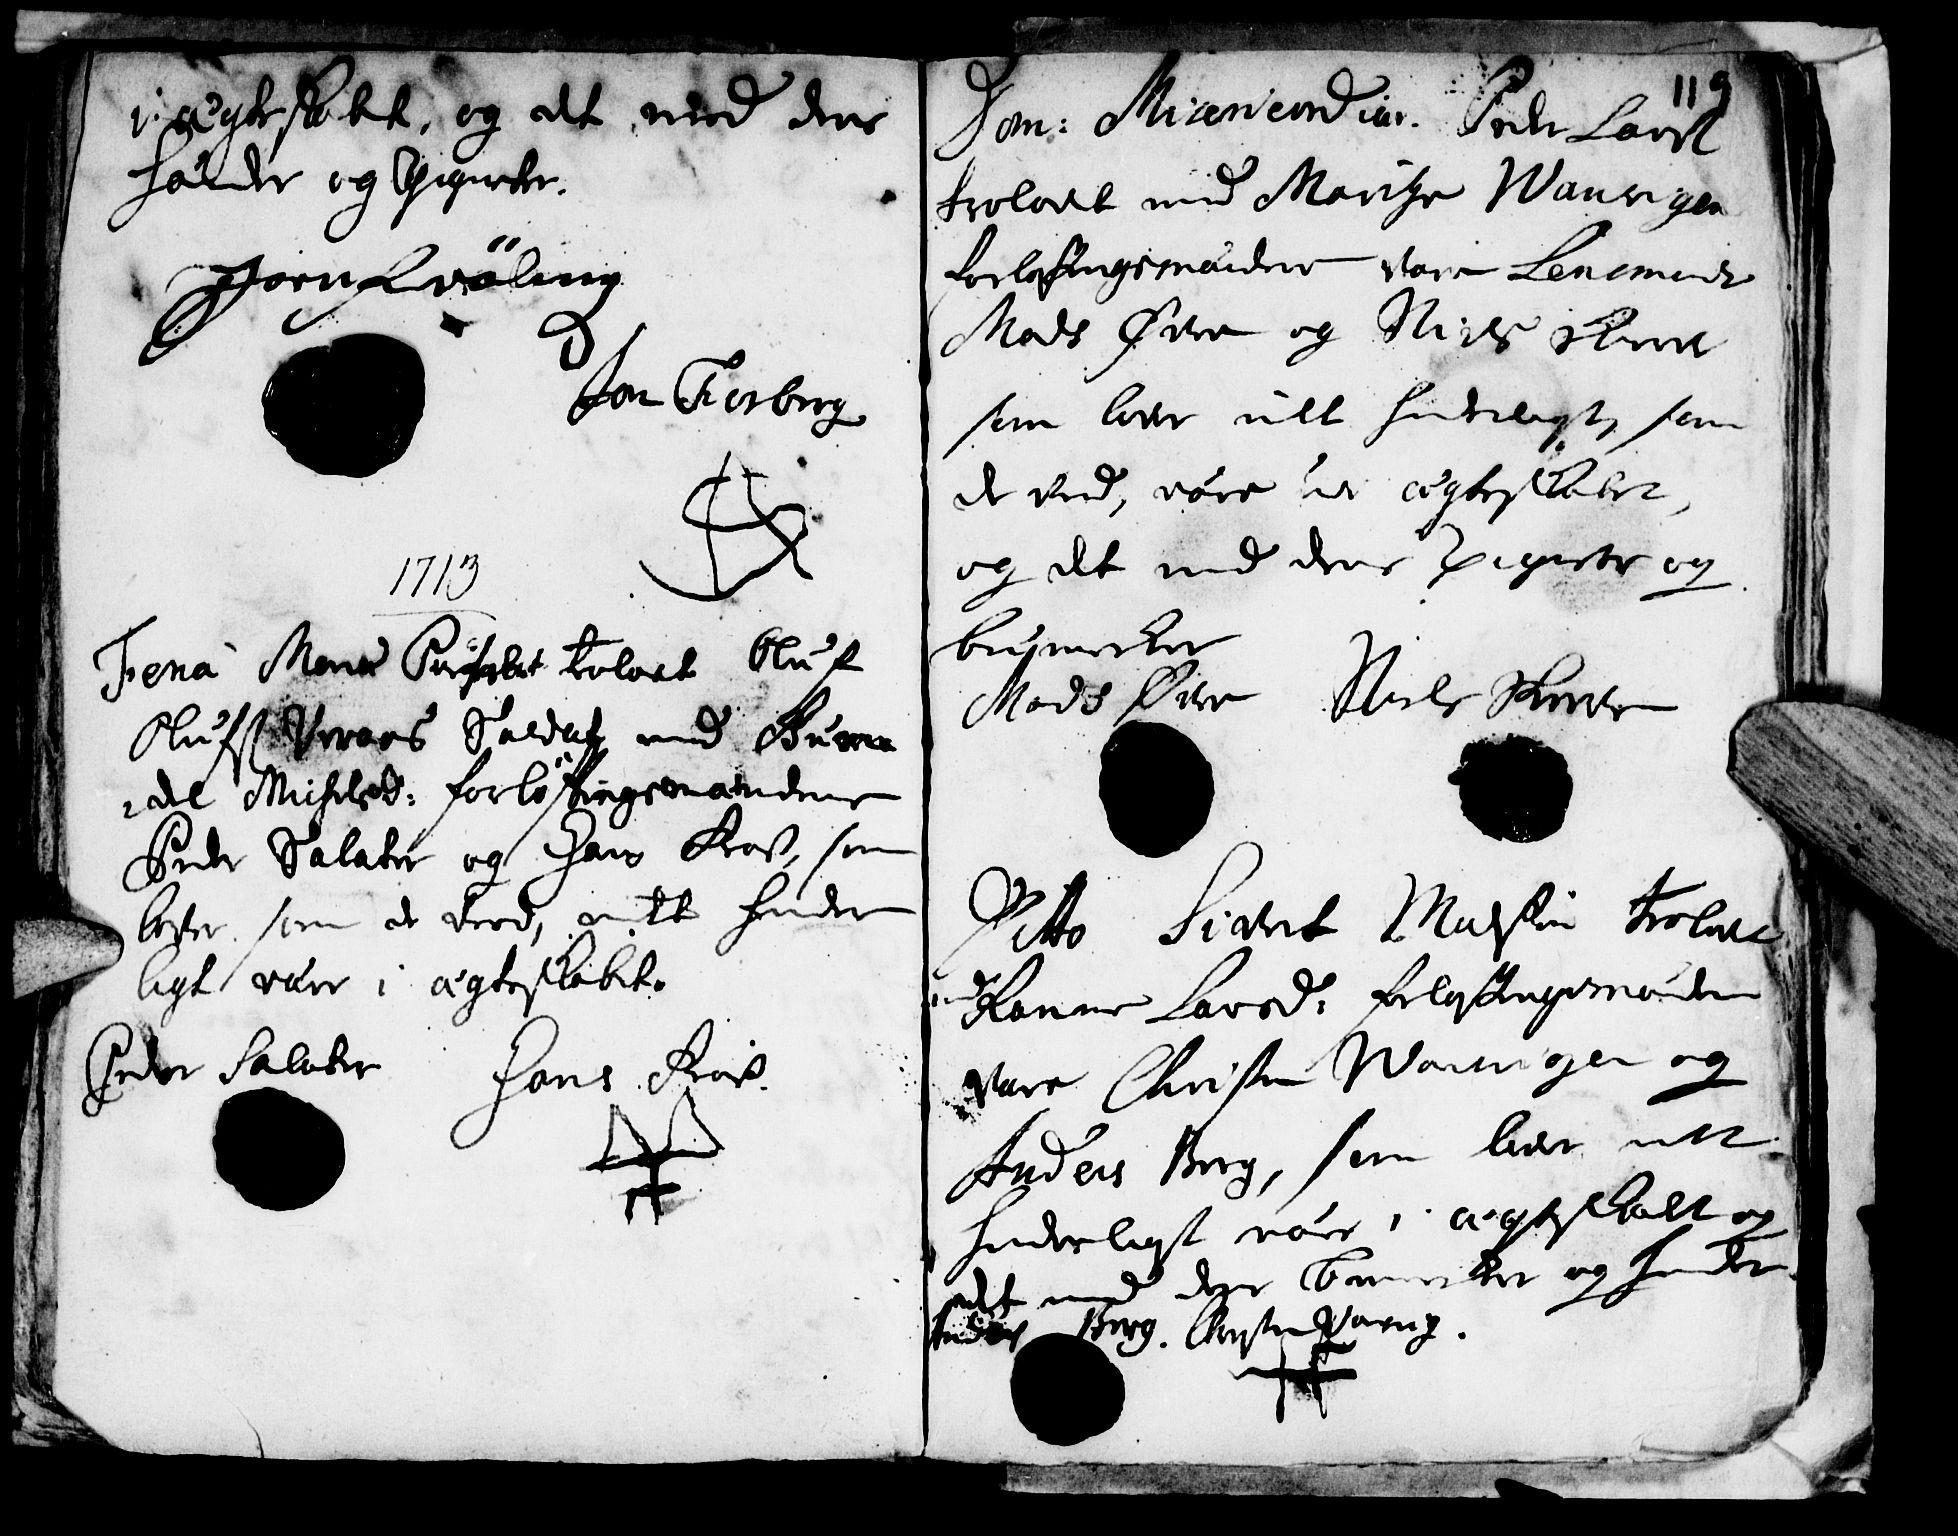 SAT, Ministerialprotokoller, klokkerbøker og fødselsregistre - Nord-Trøndelag, 722/L0214: Ministerialbok nr. 722A01, 1692-1718, s. 119